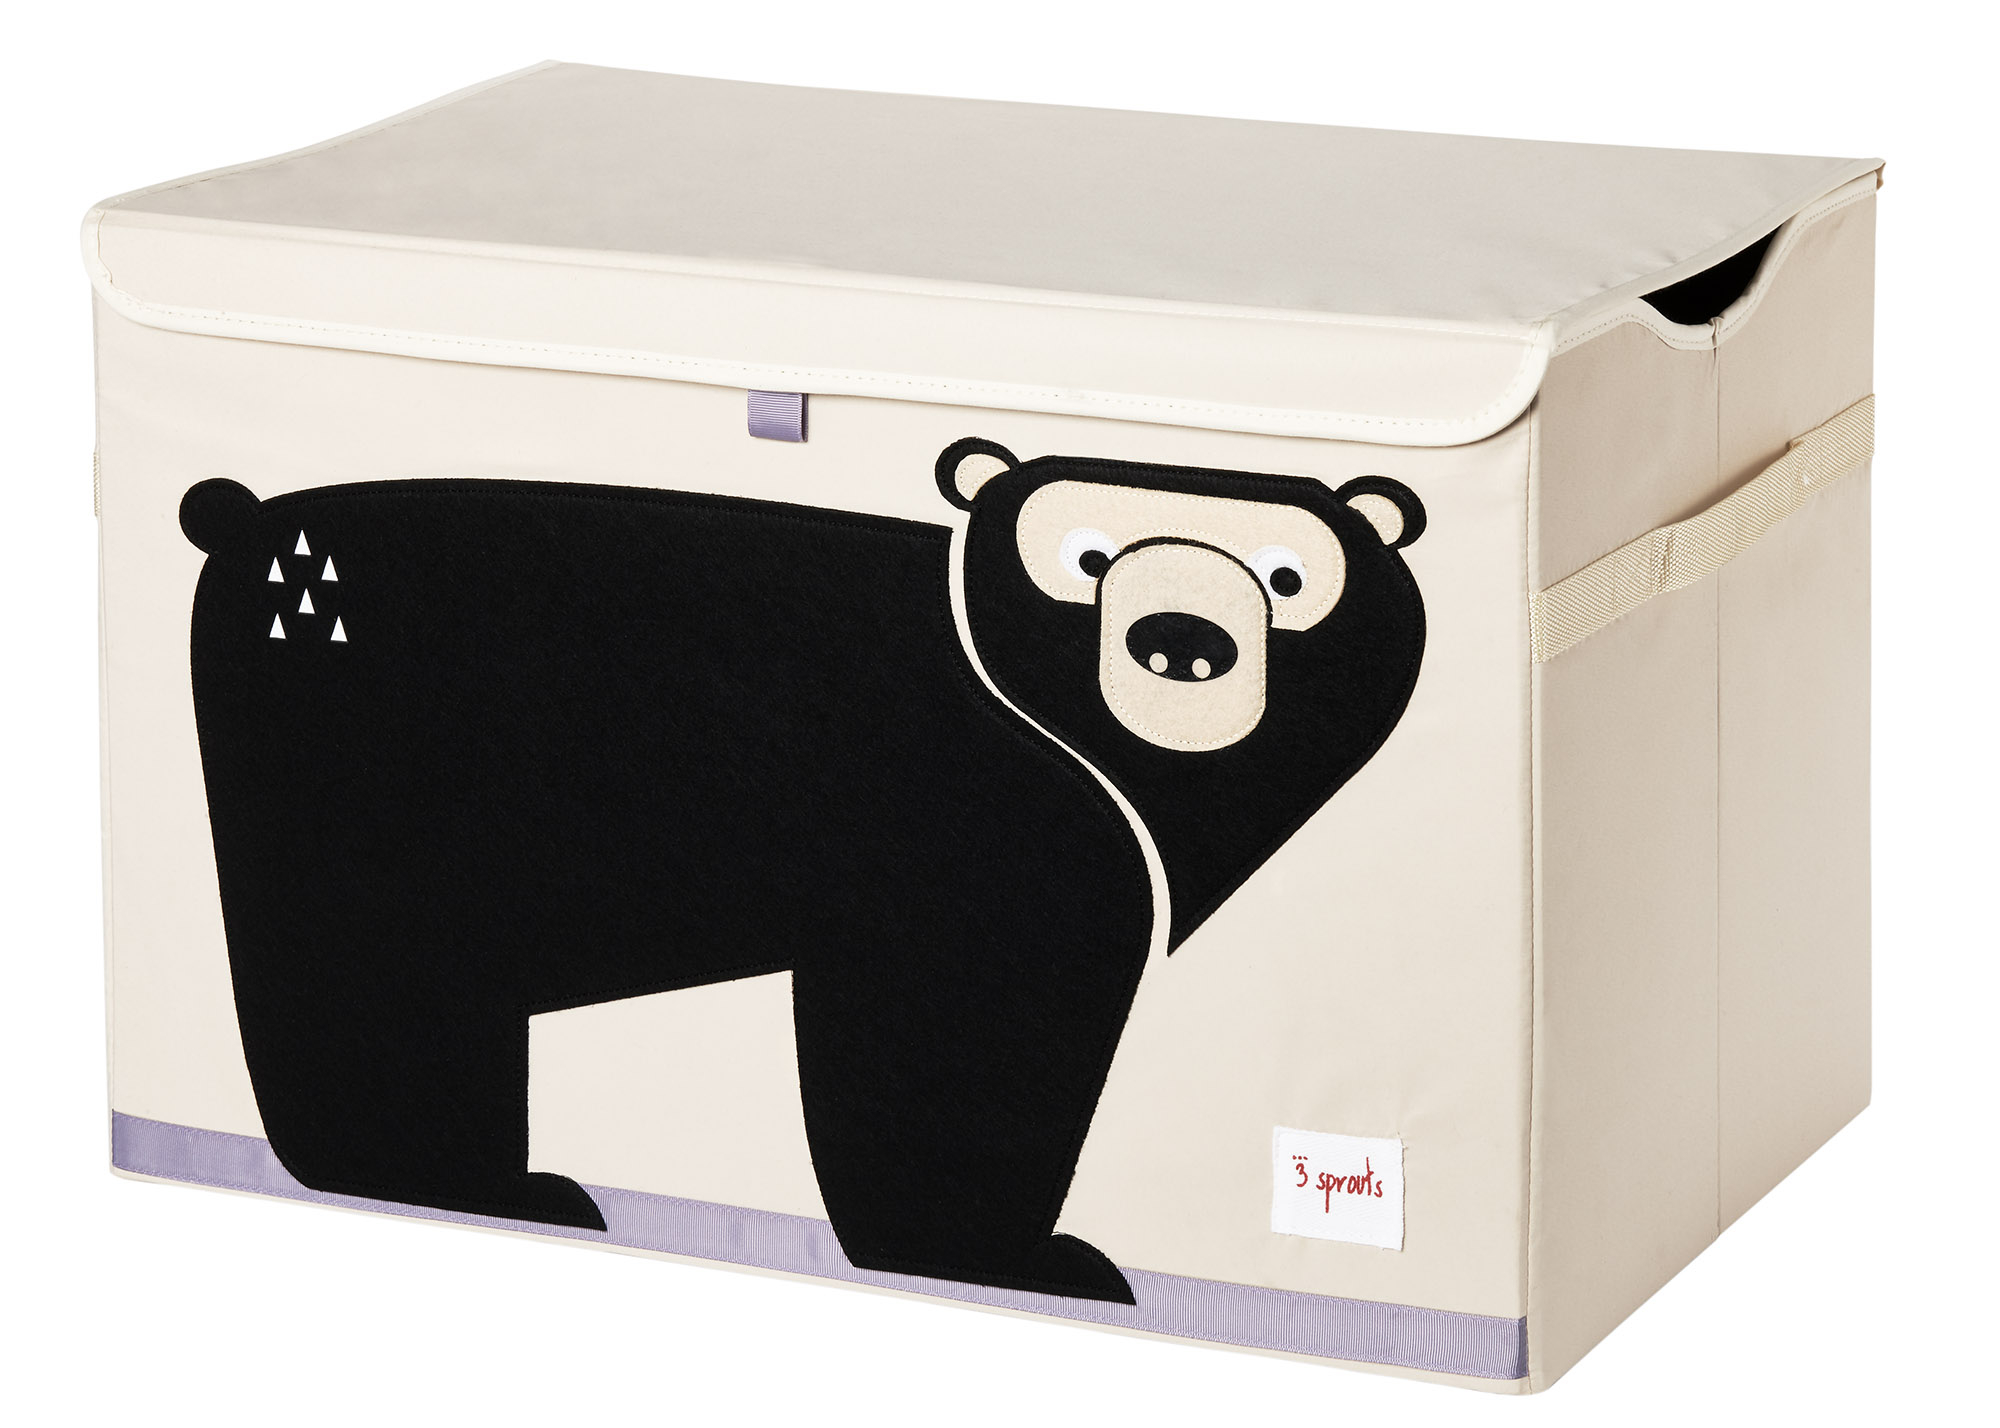 Ящики и корзины для игрушек 3 Sprouts Black Bear сундук большой 2557l